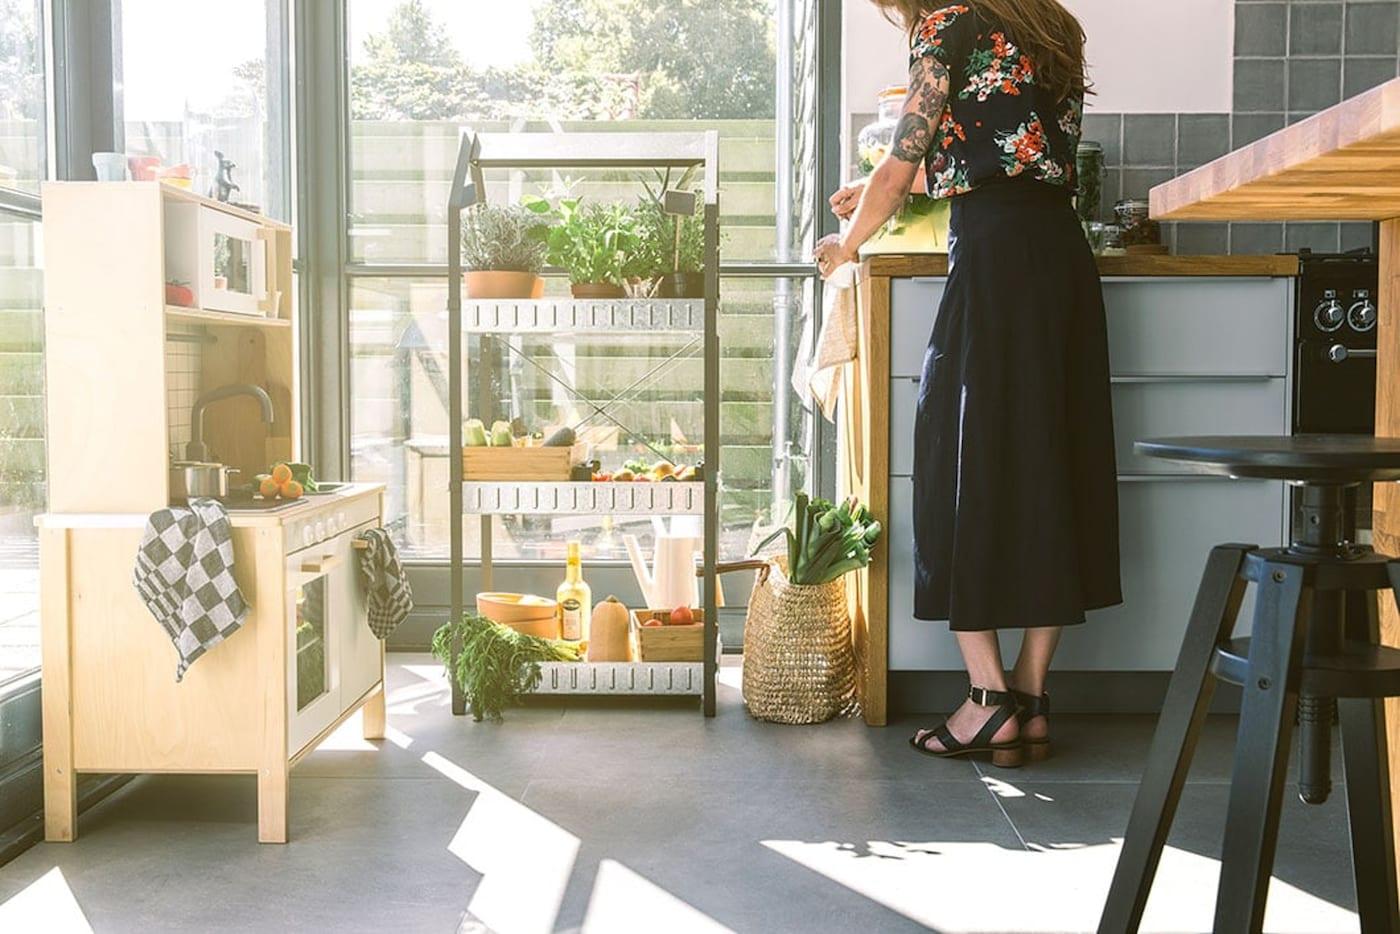 Ongekend 3 x opbergtips voor in je keuken - IKEA UW-27